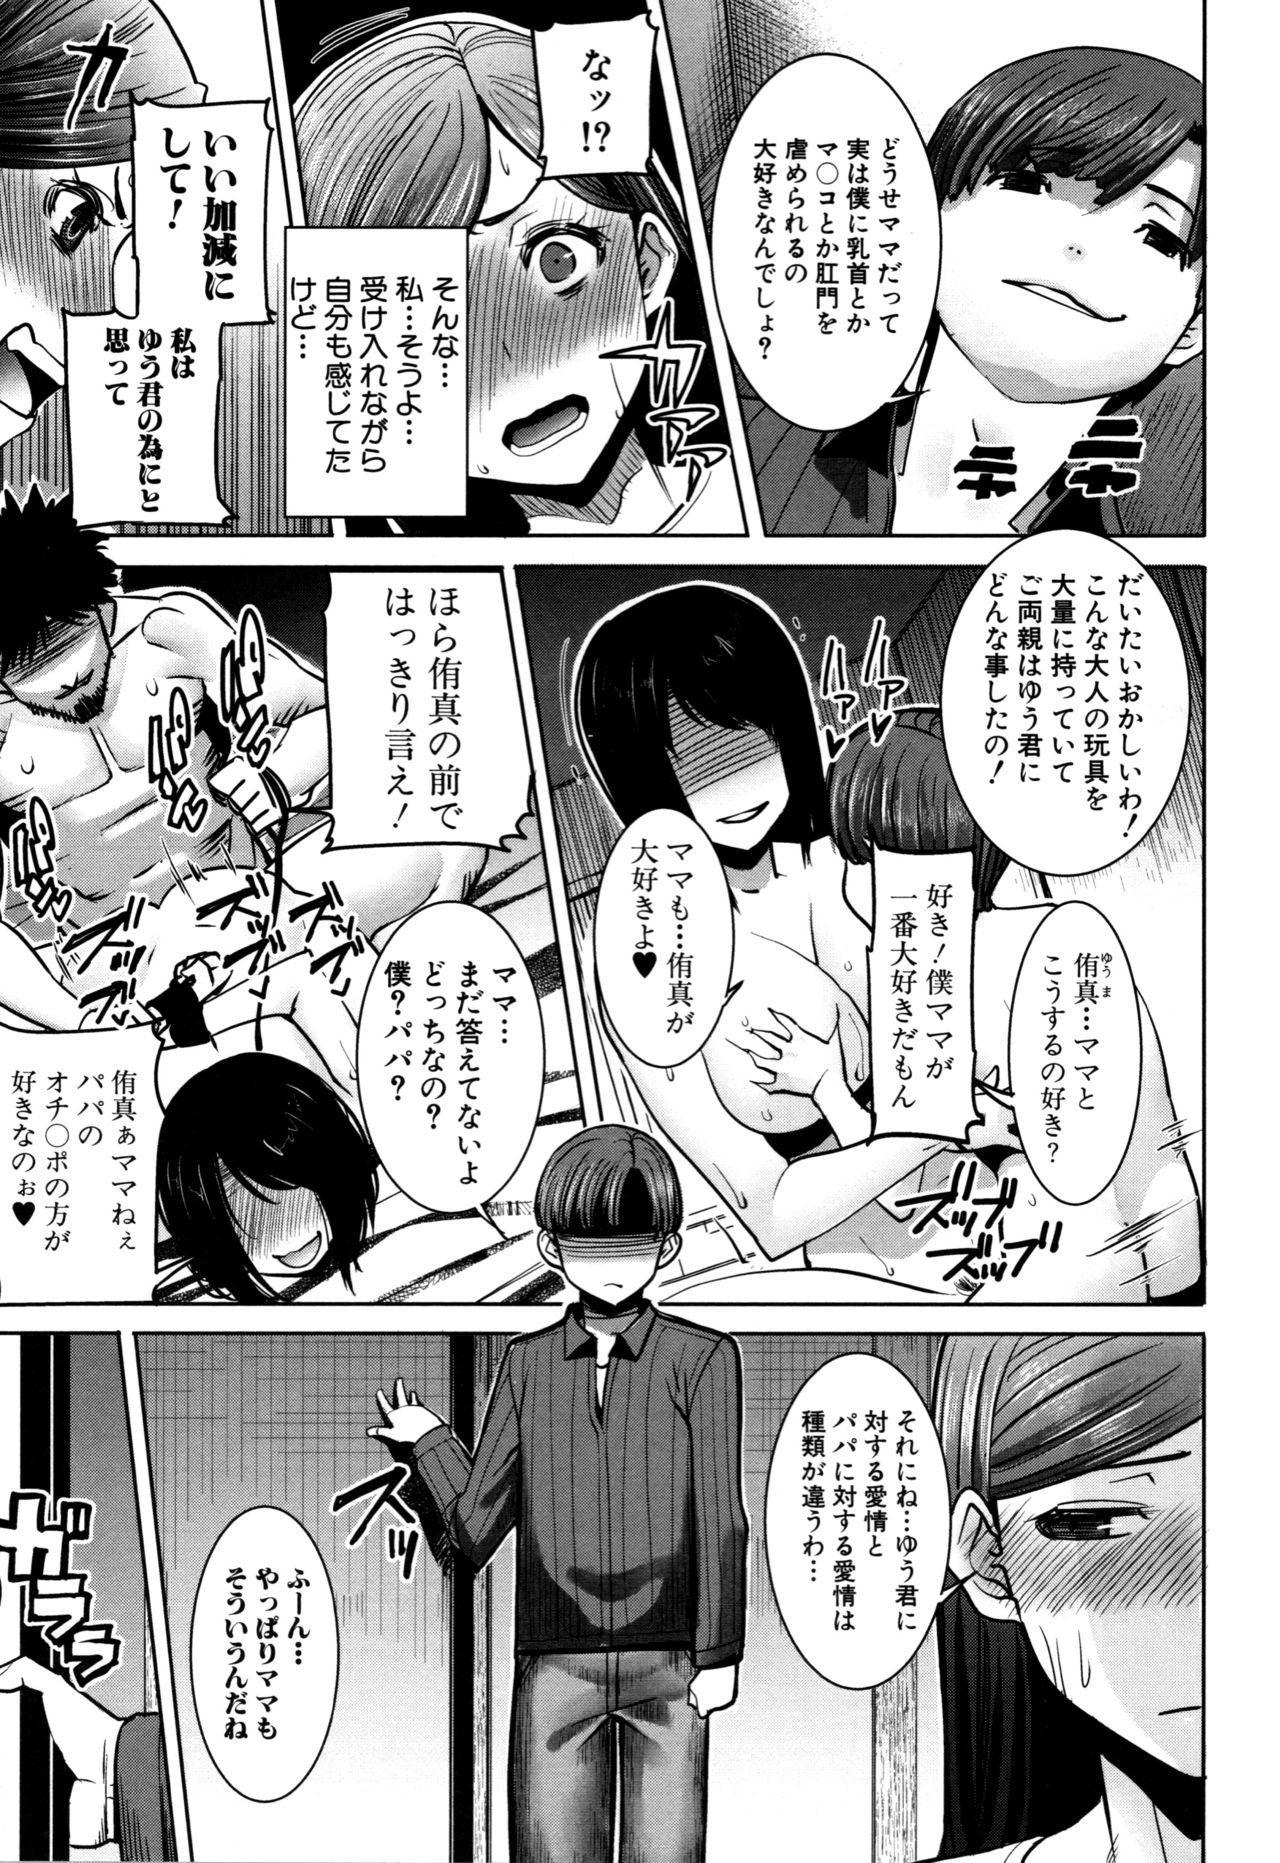 Unsweet - Asahina Ikka Netorareta Haha · Tomoko 114